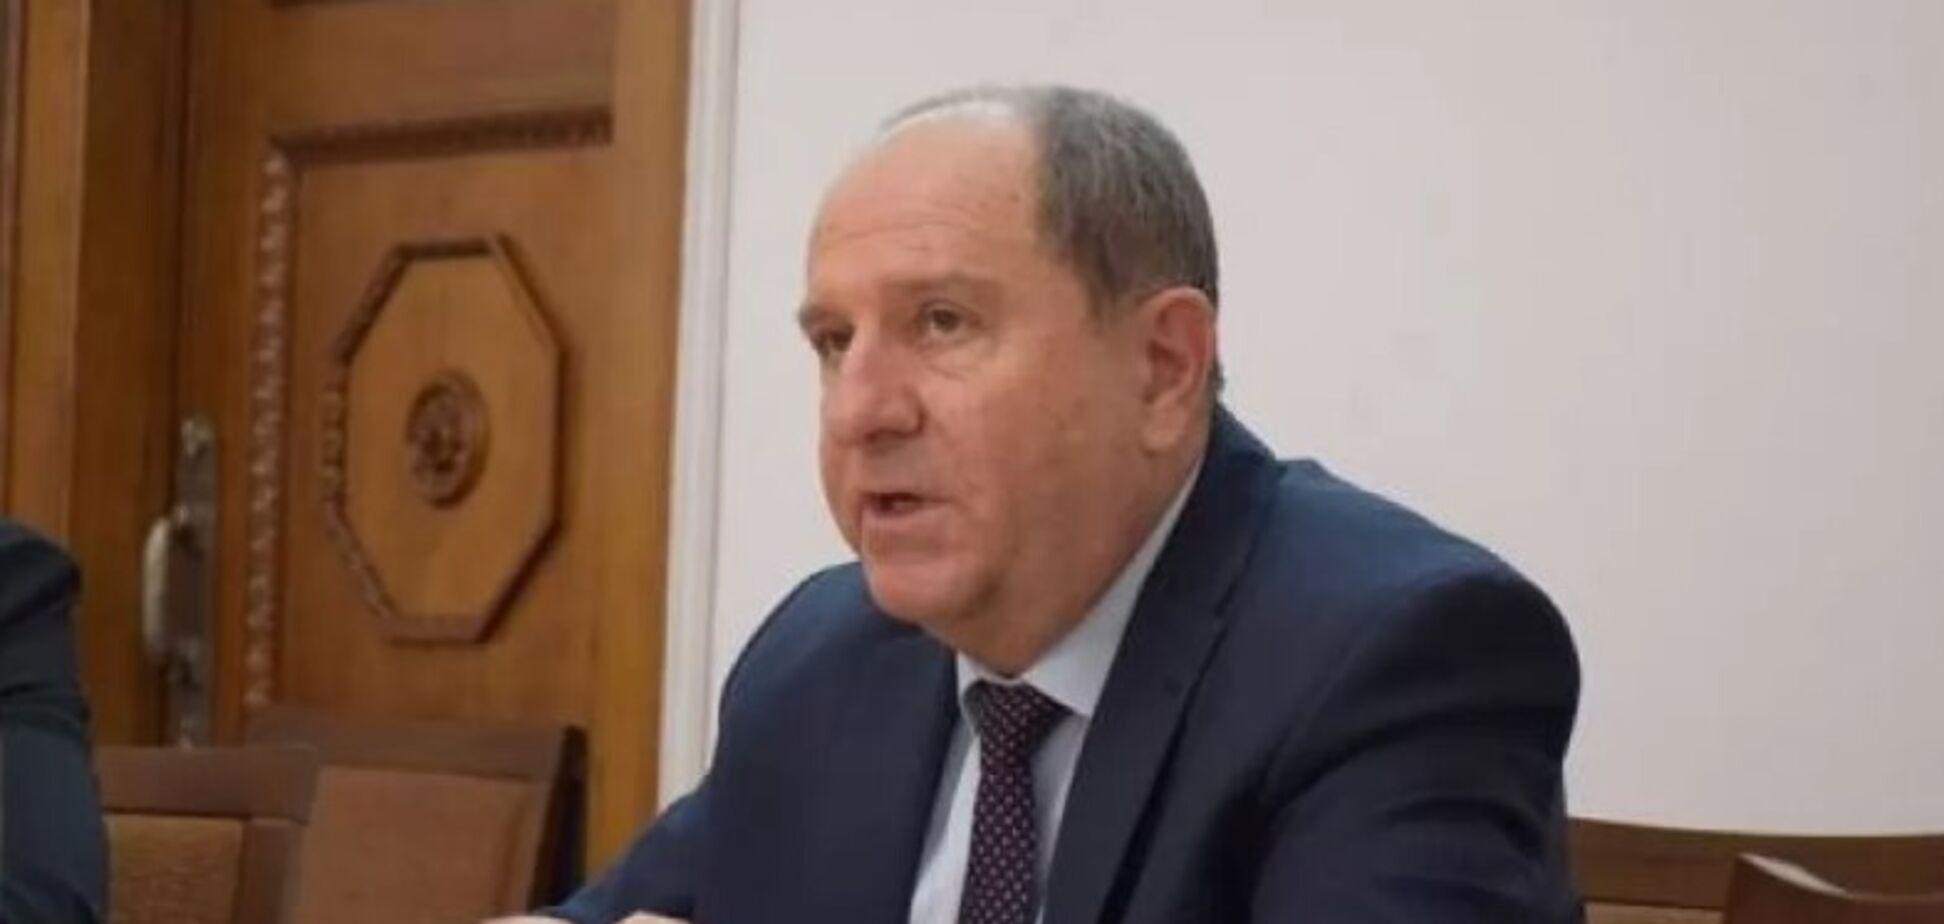 Арест завода 'Океан' обжалован в суде инвестором